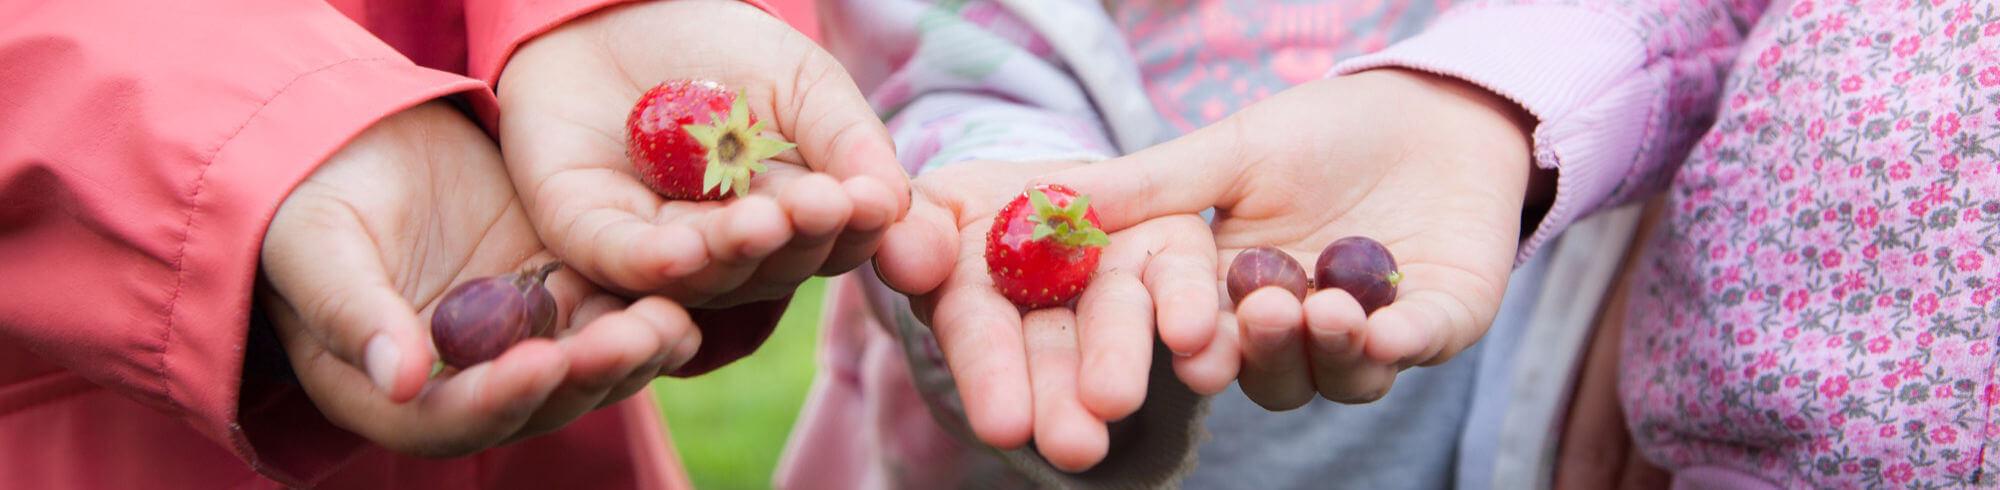 Erdbeeren in Kinderhände